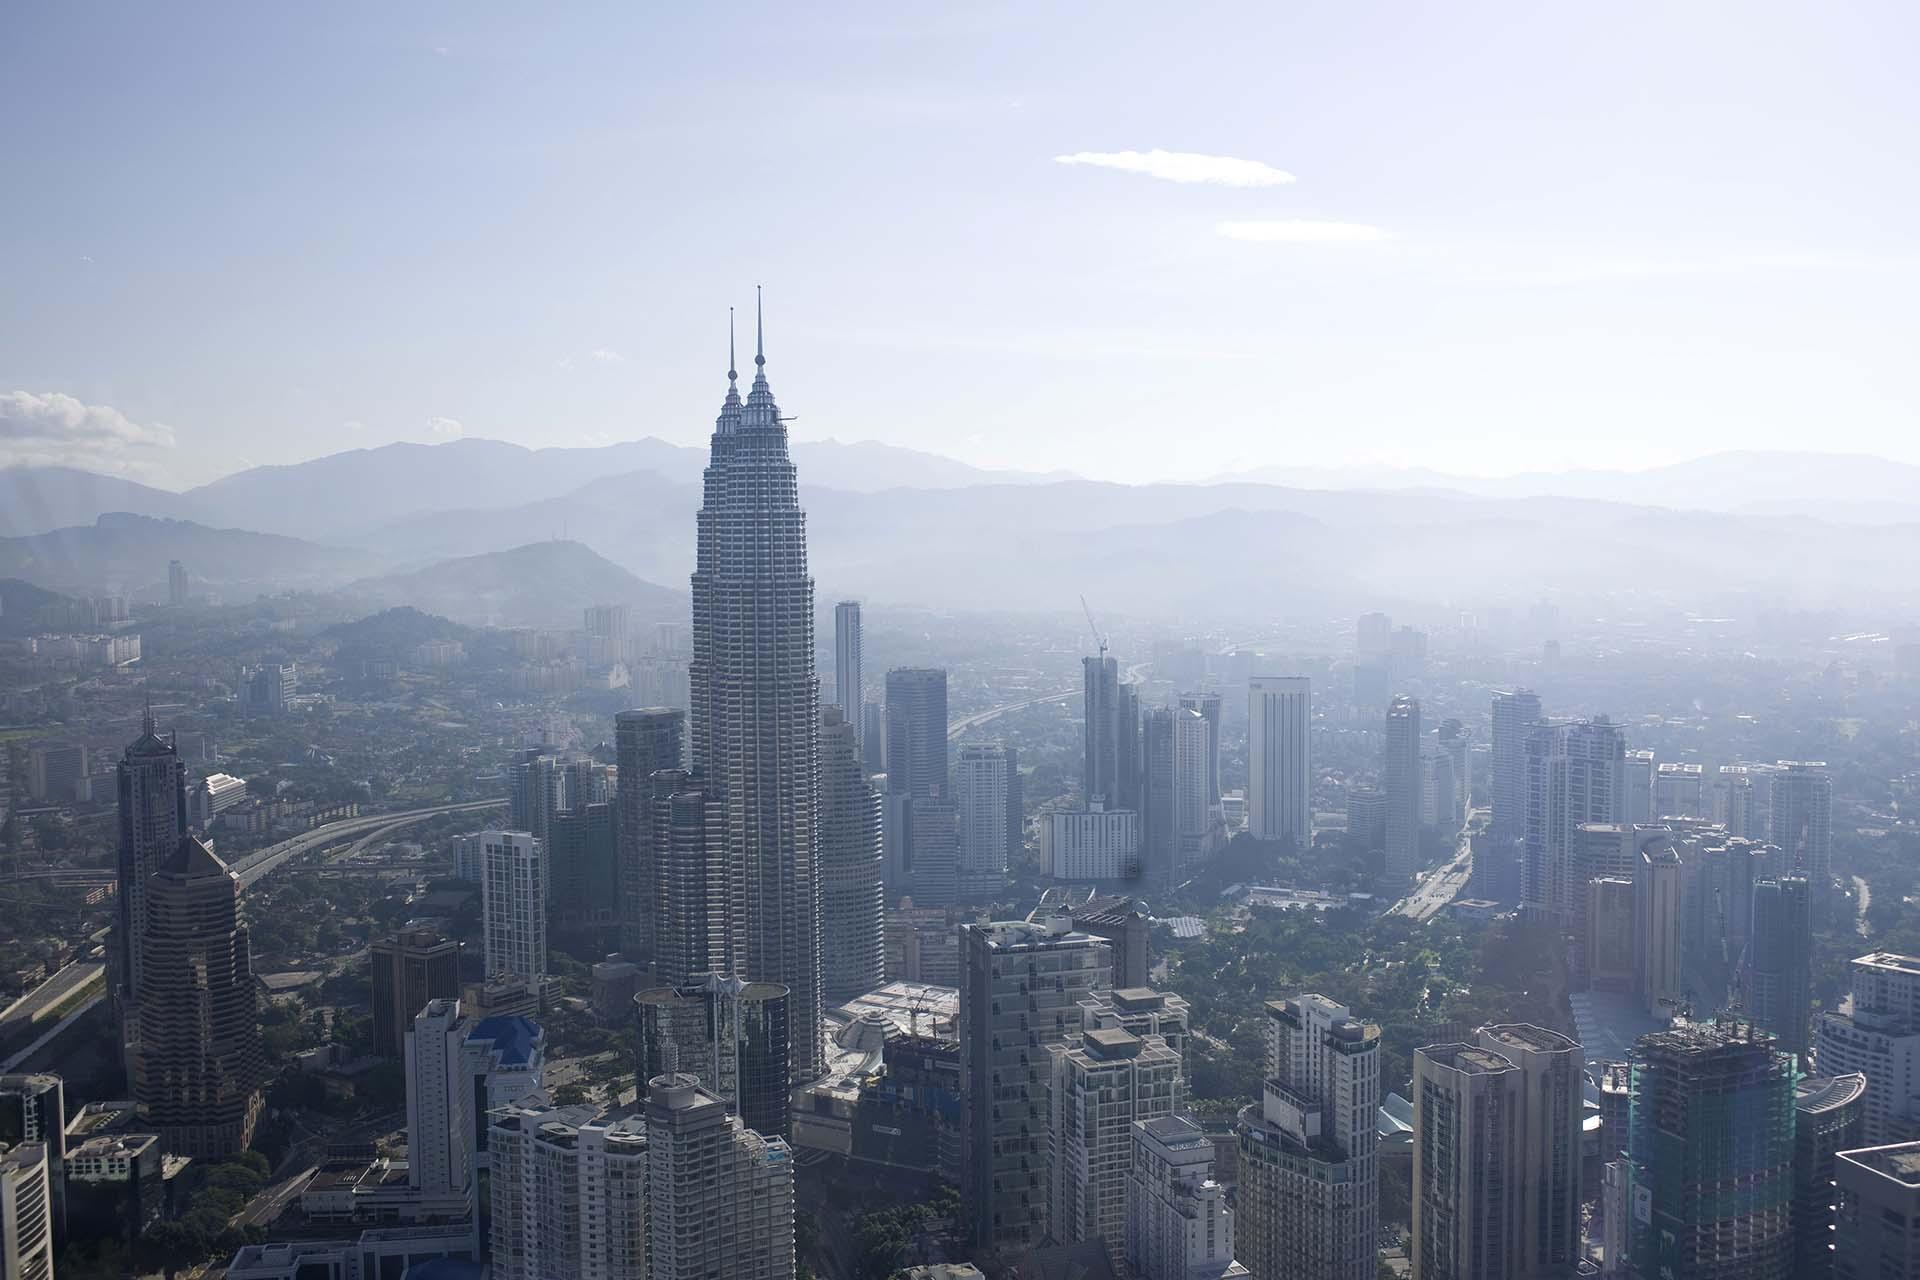 Una vista prodigiosa entre la bruma de las Petronas, por muchos años considerado el edificio más alto del mundo. El edificio hecho por Pelli fue un emblema del país malayo del siglo XXI (Shutterstock)